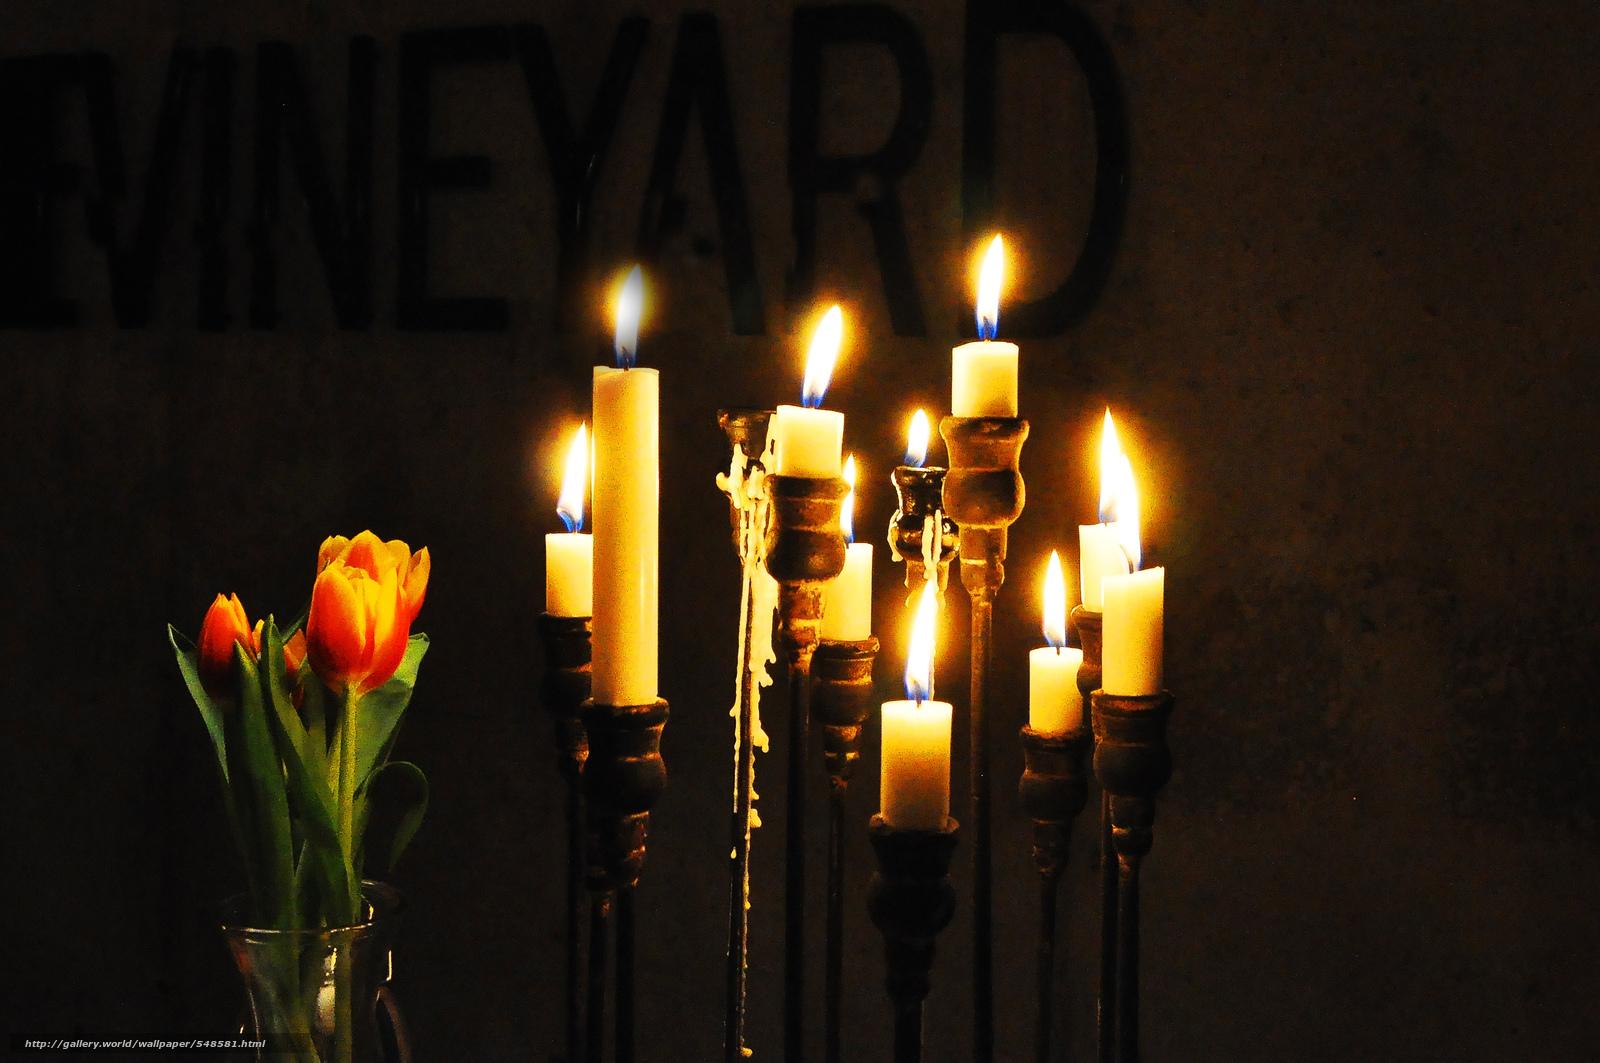 tlcharger fond d ecran bougies feu fleurs fonds d ecran gratuits pour votre rsolution du